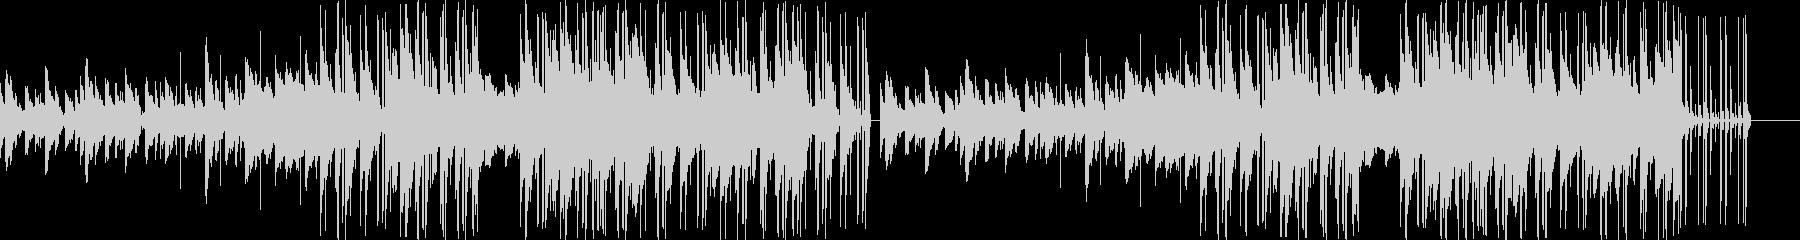 切ないメロディのベルが特徴的なバラードの未再生の波形